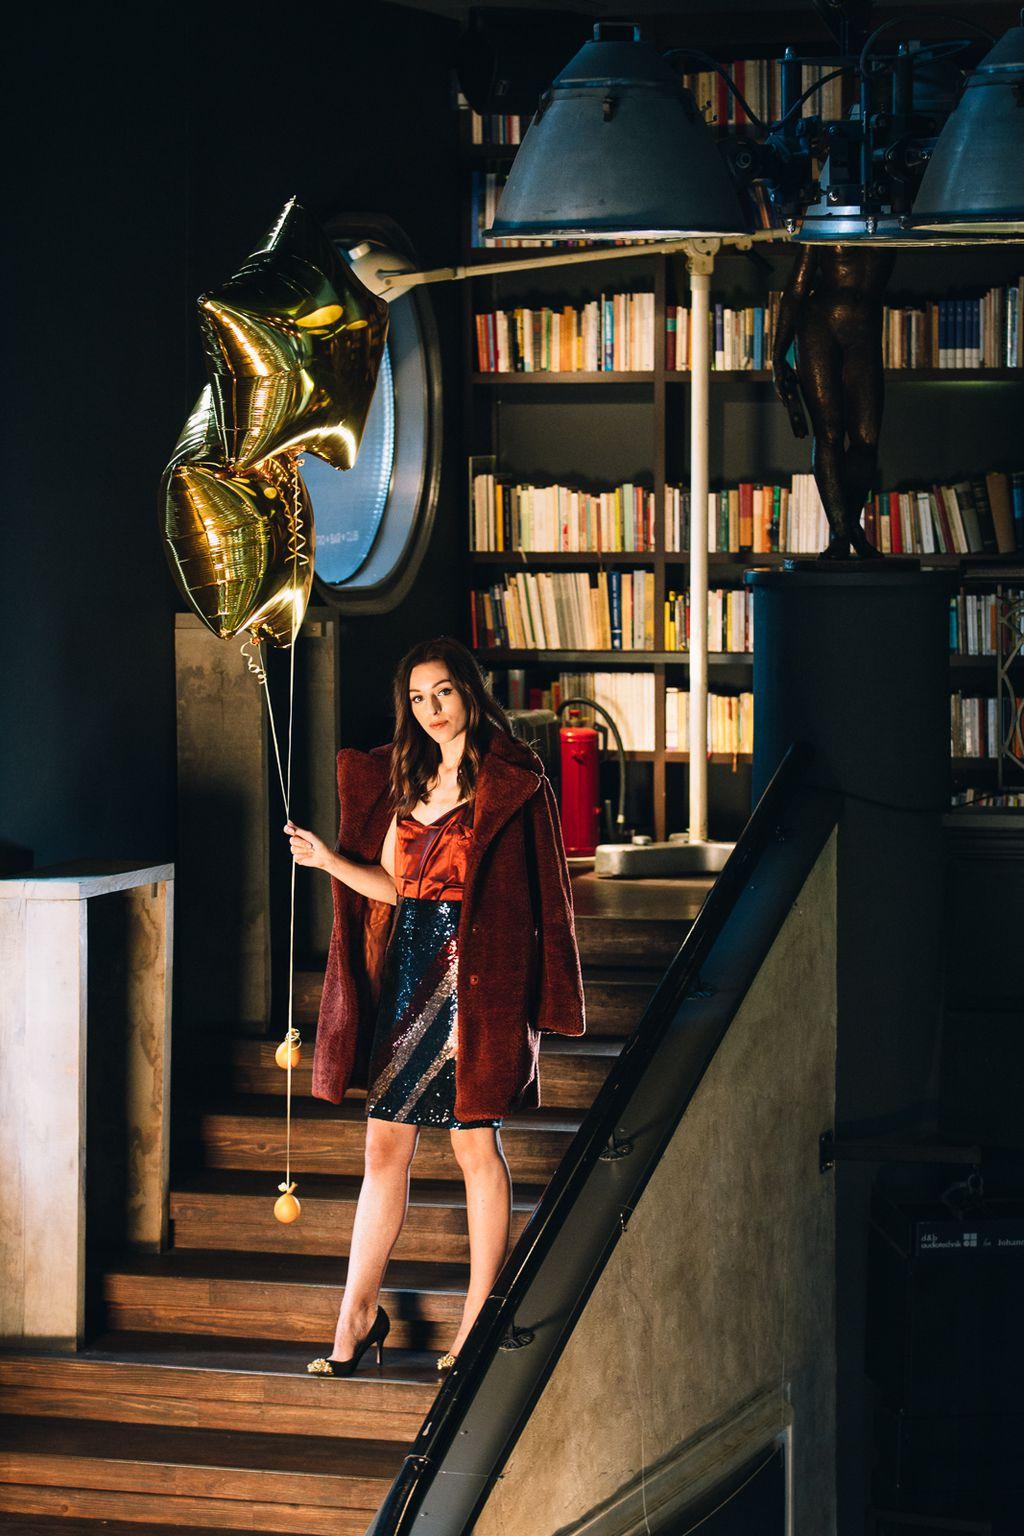 Šljokičasta suknja, LETSCELEBRATE, 99,99 kn; Satenski top, LETSCELEBRATE, 49,99 kn; Kaput LETSCELEBRATE, 222 kn